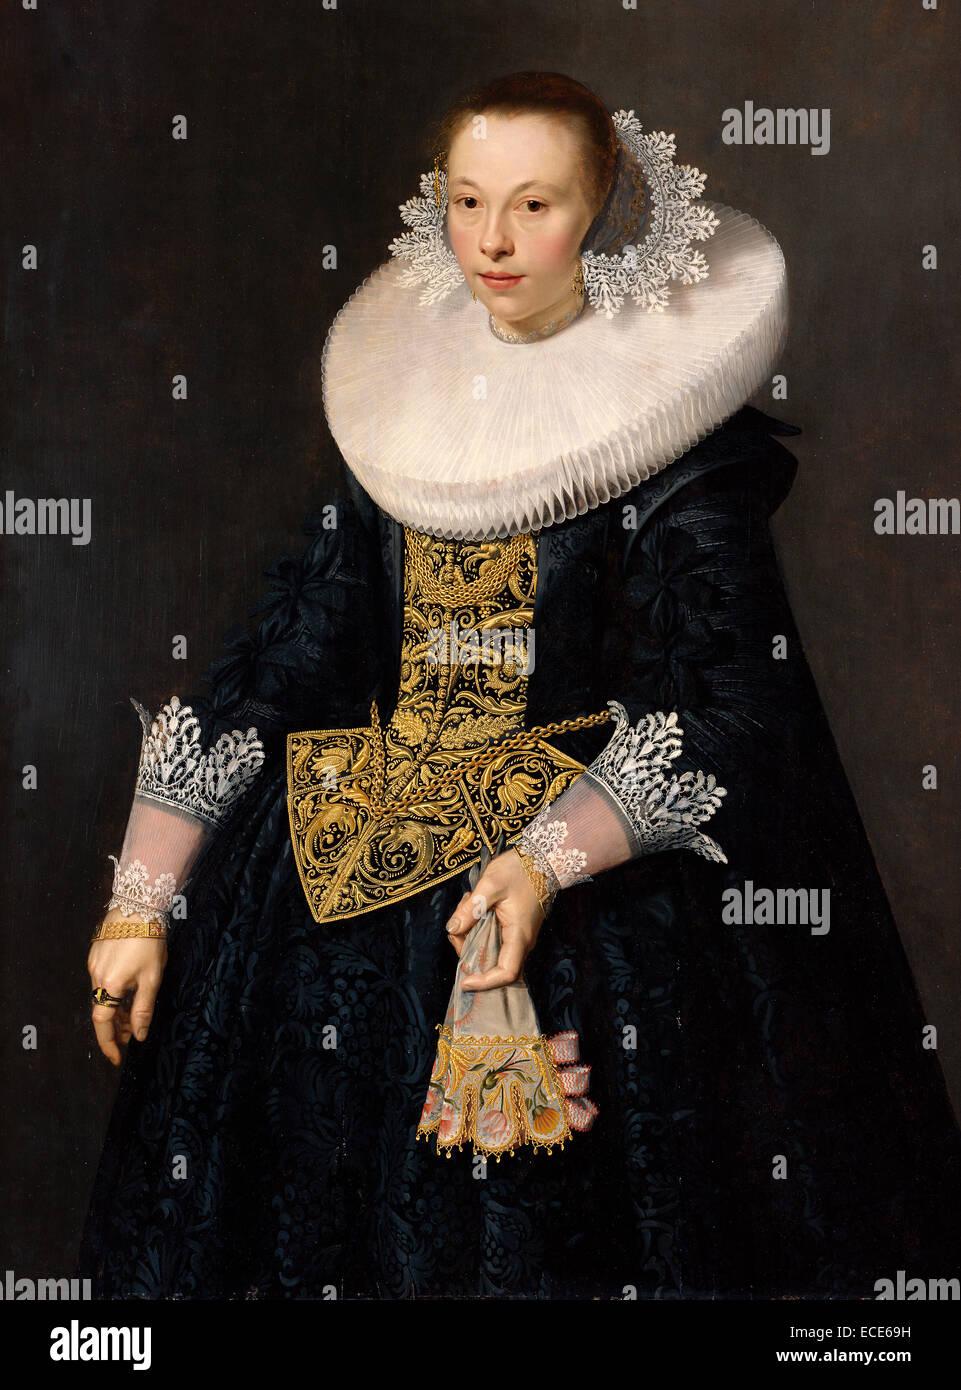 Ritratto di una giovane donna; Nicolaes Eliasz. Pickenoy, Olandese, 1590/1591 - 1654/1656; 1632; olio su pannello; Immagini Stock